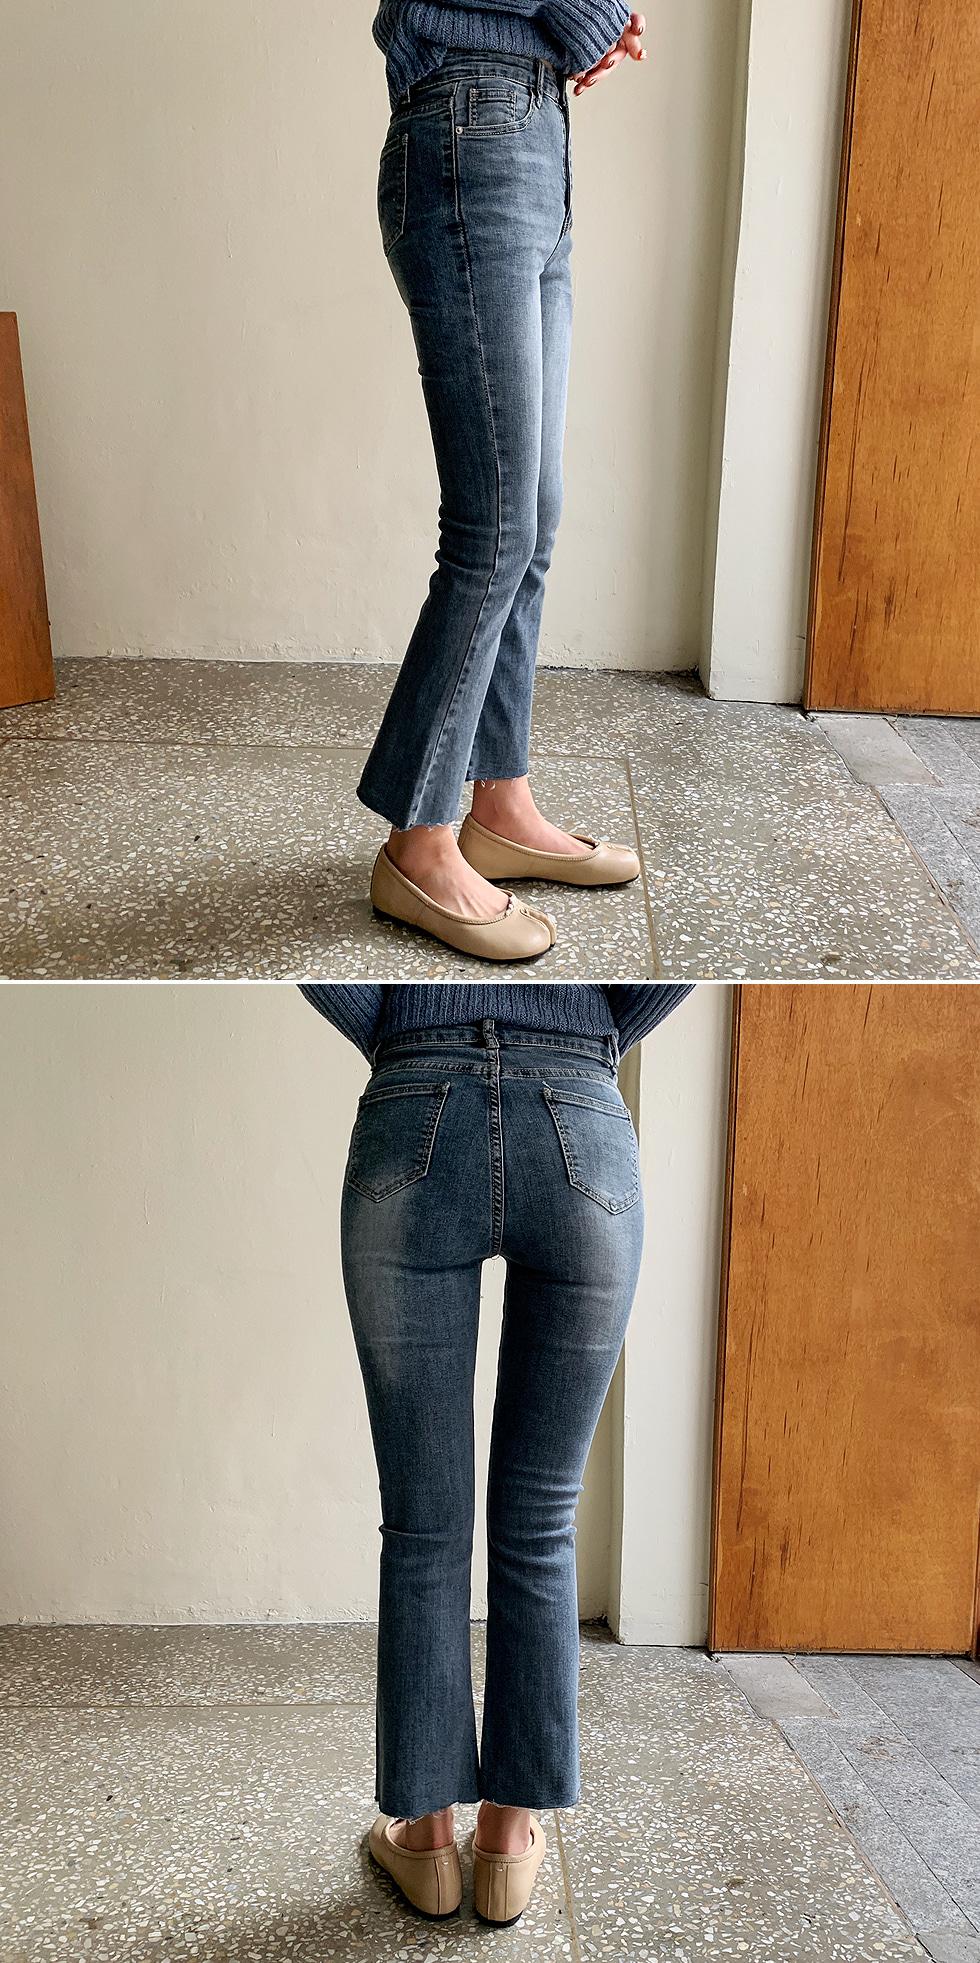 Wearing Denim Pants